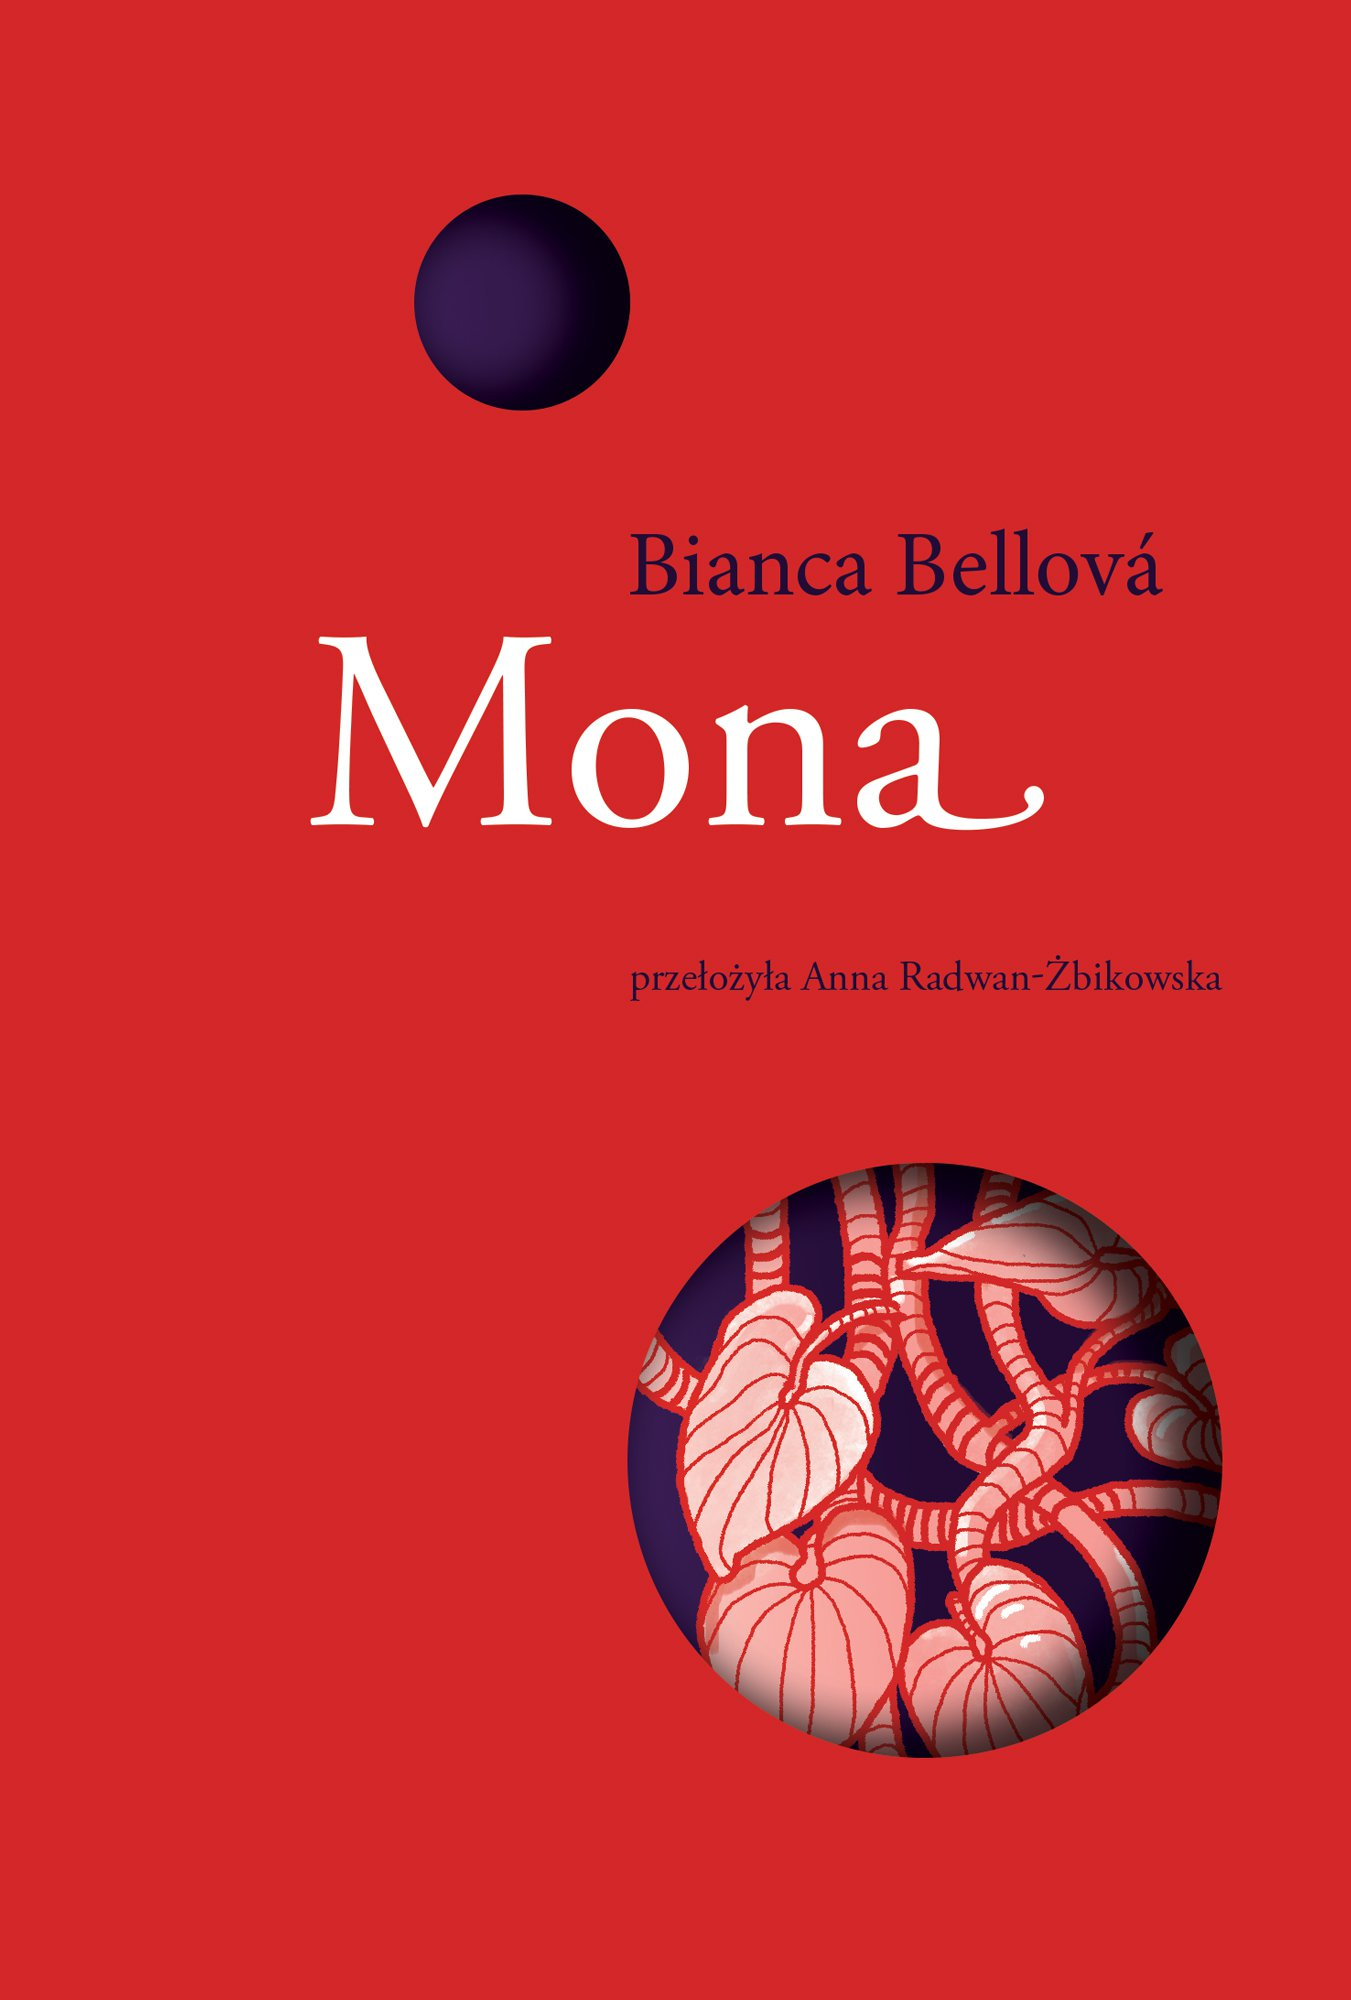 Mona - Ebook (Książka EPUB) do pobrania w formacie EPUB